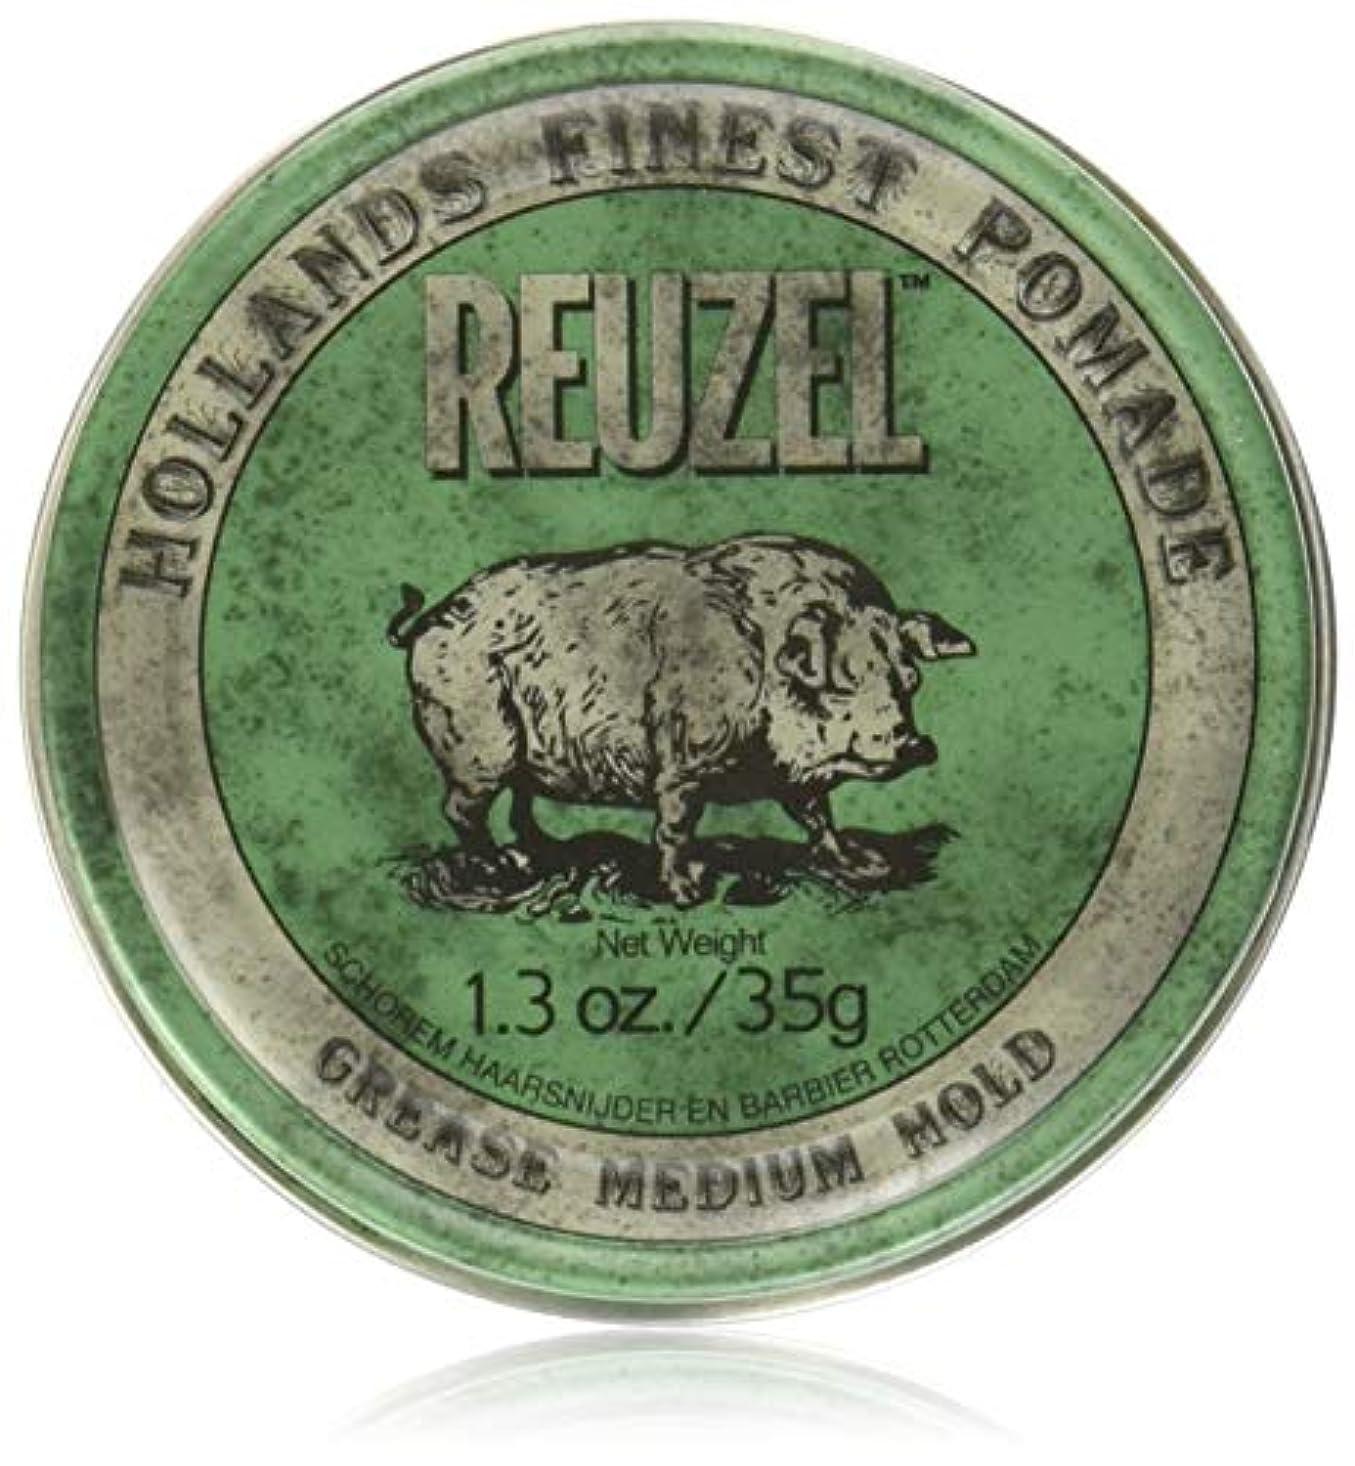 睡眠不安定言い換えるとREUZEL Grease Hold Hair Styling Pomade Piglet Wax/Gel, Medium, Green, 1.3 oz, 35g by REUZEL